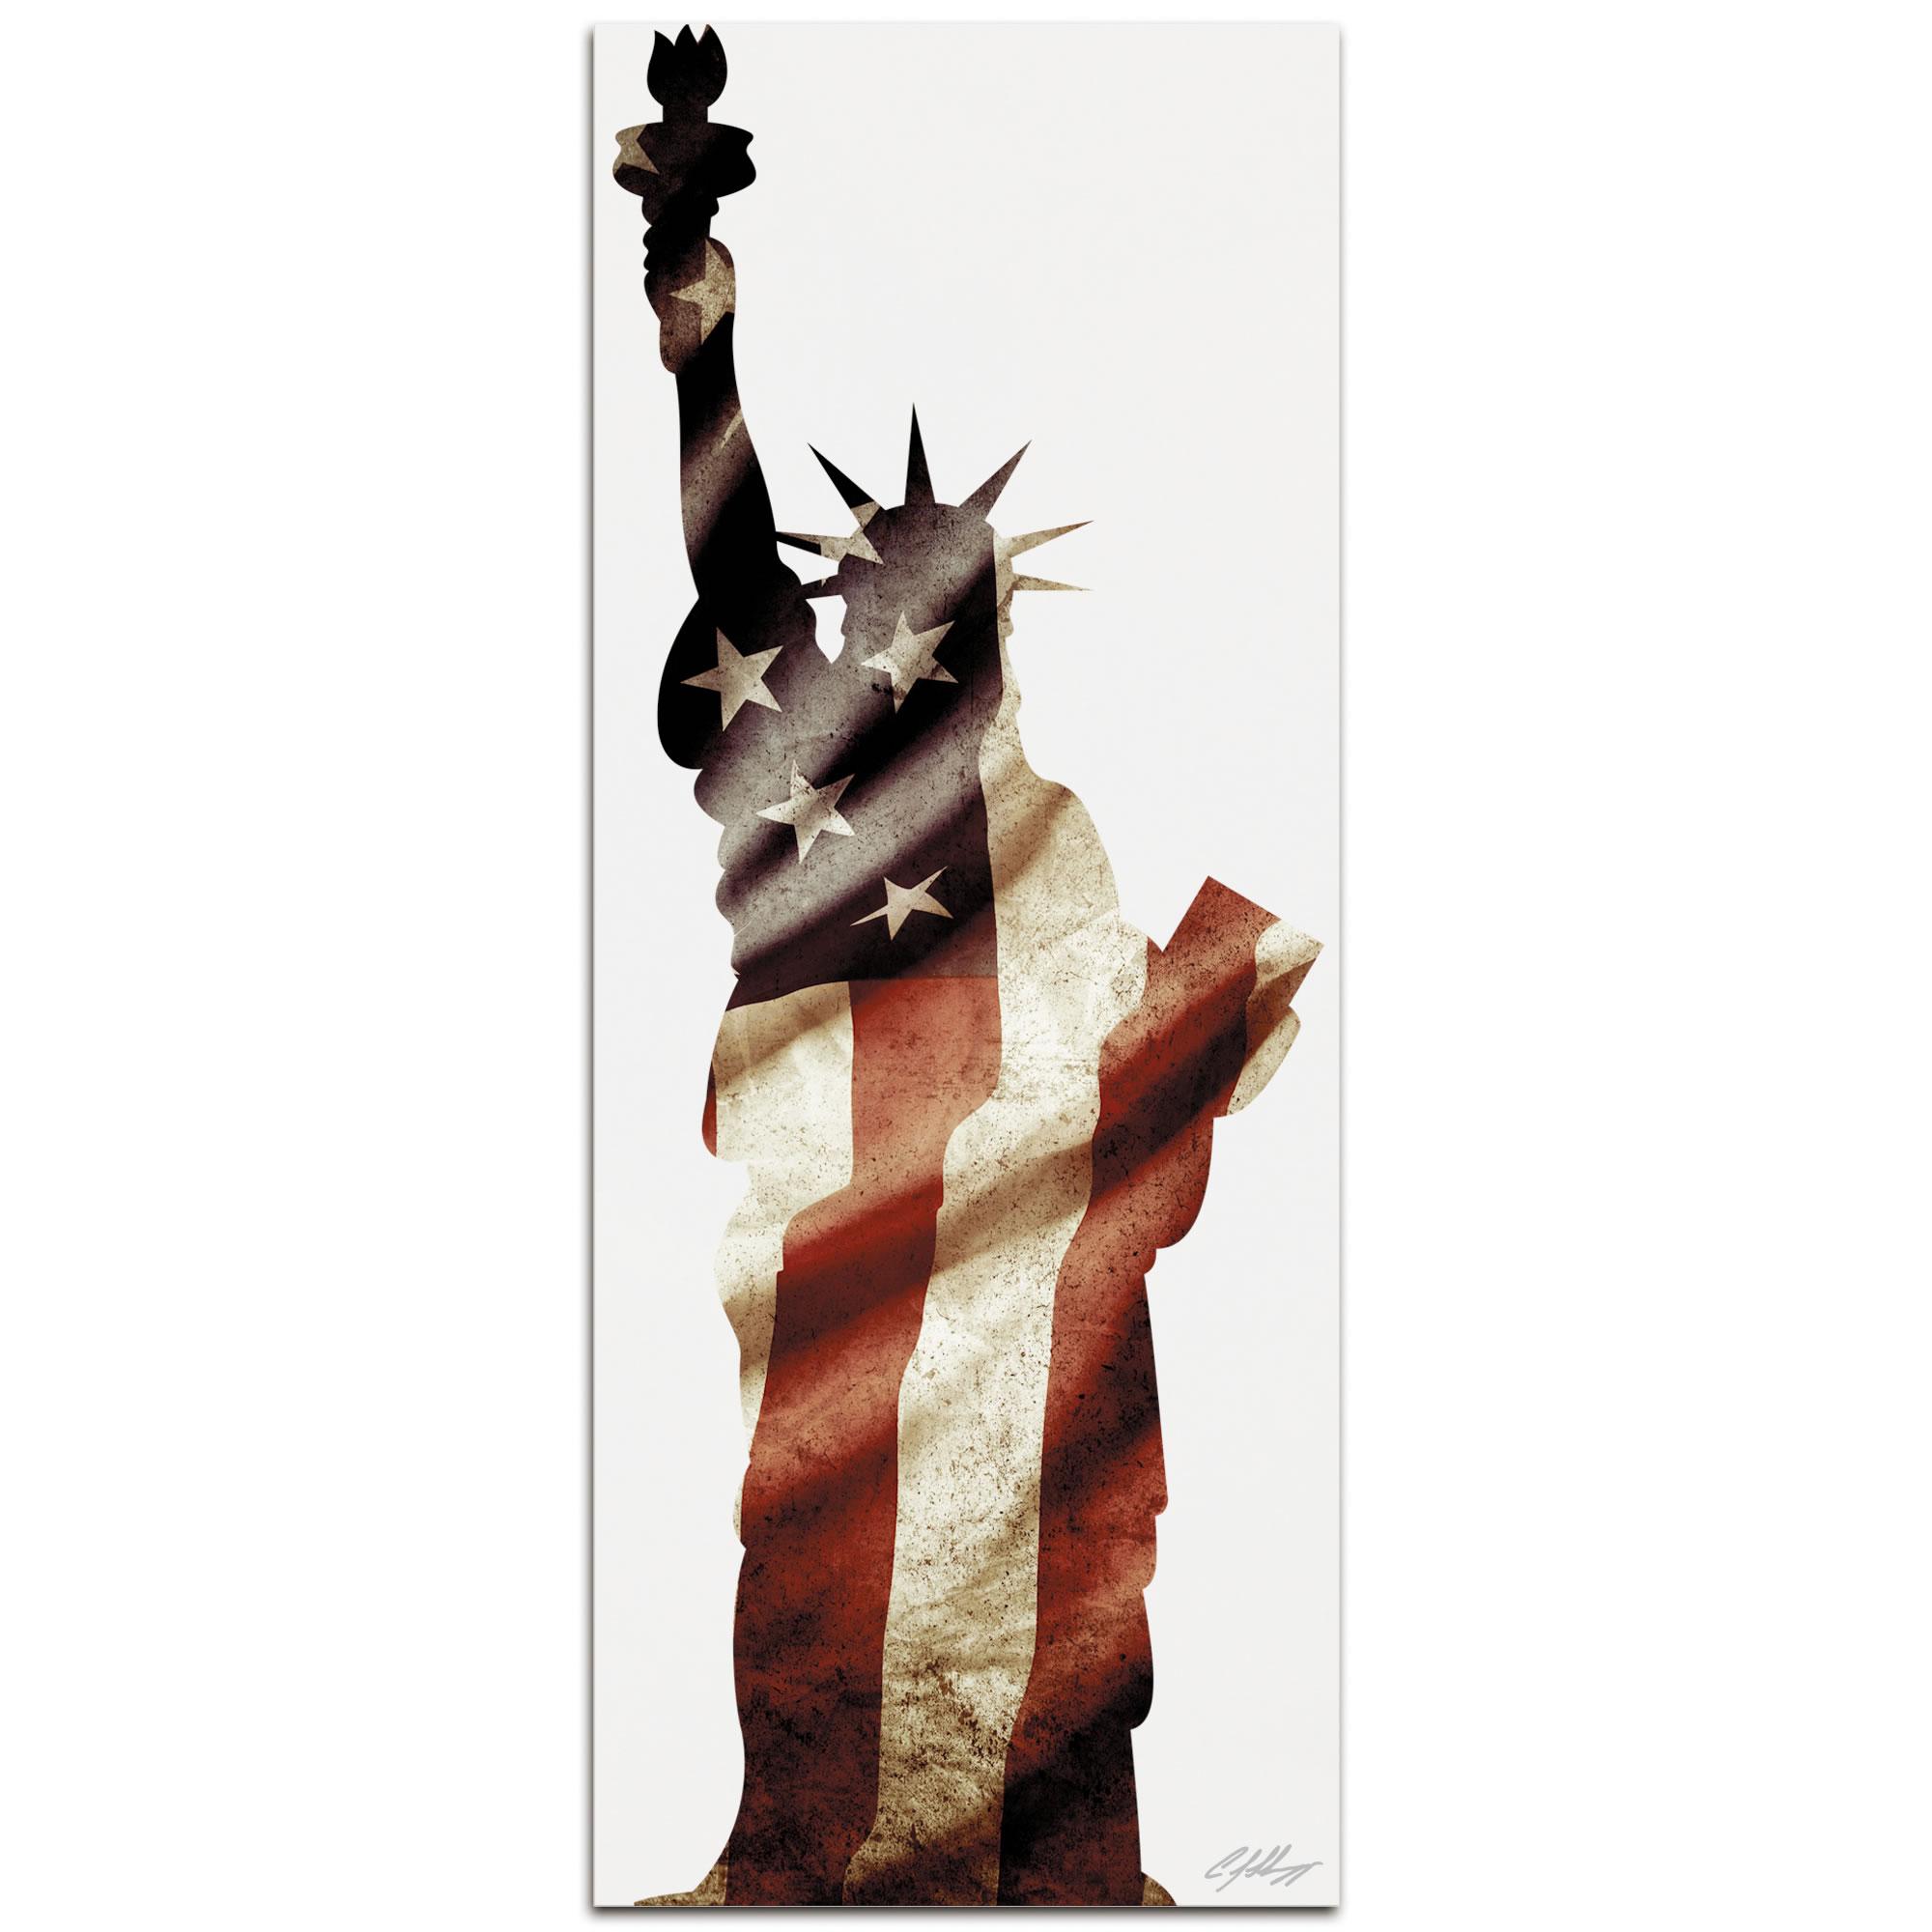 LADY LIBERTY - 48x19 in. Metal Patriotic Print